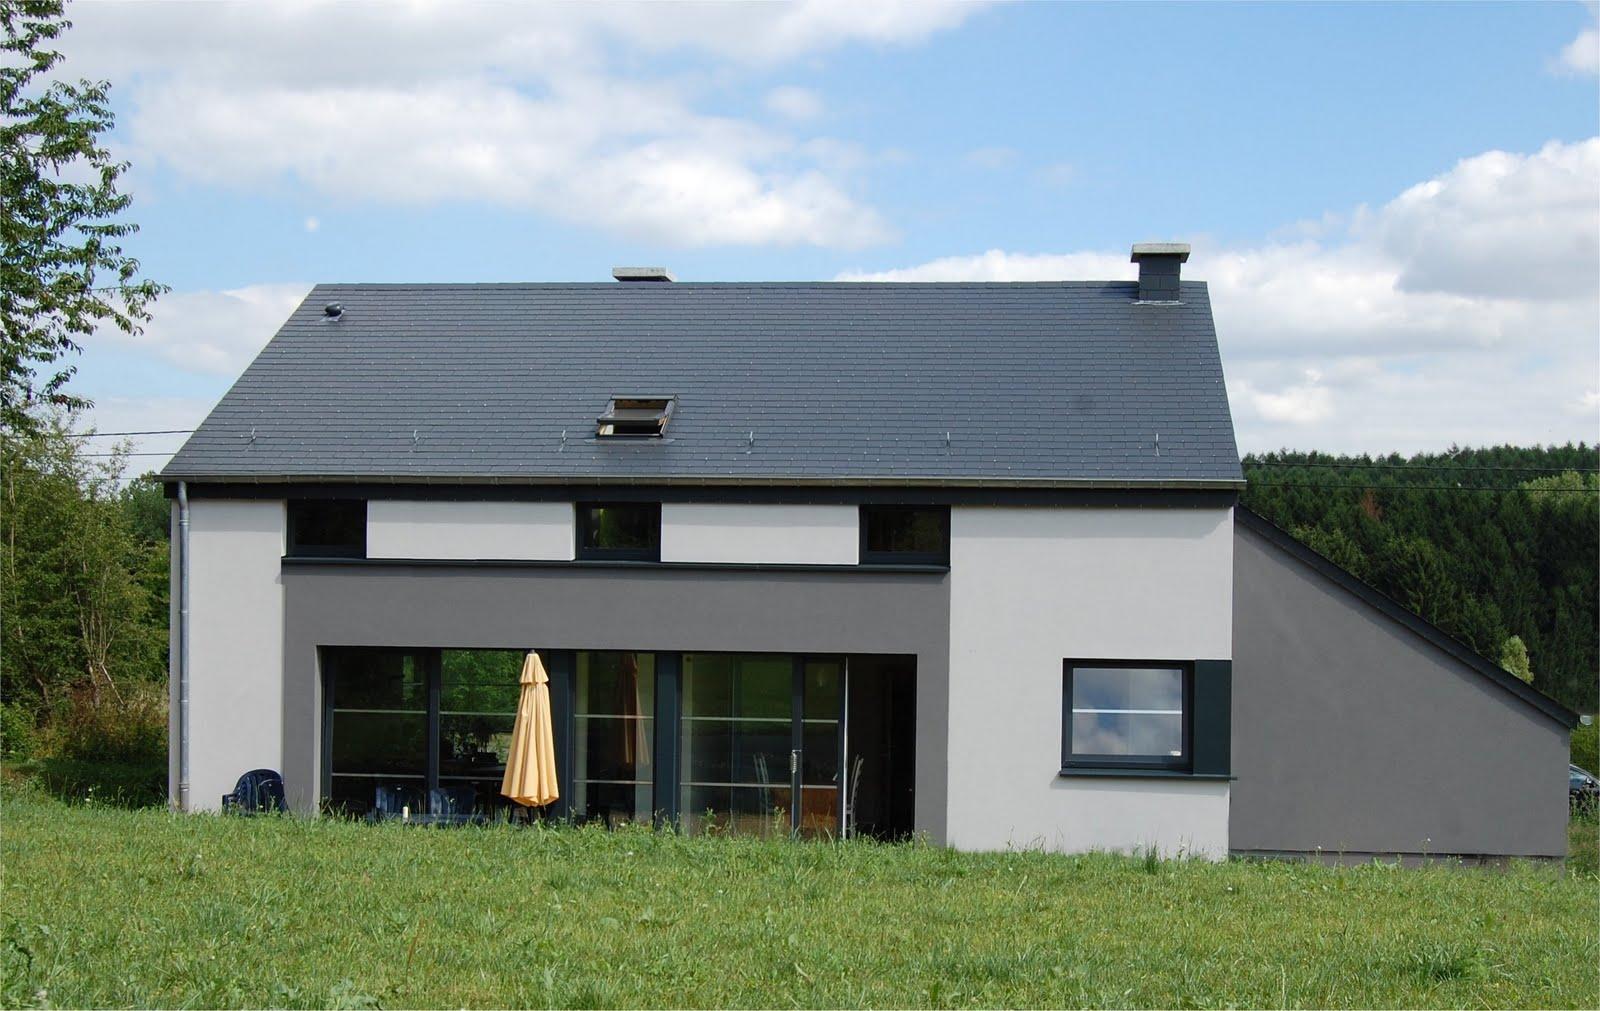 crepi exterieur gris anthracite dans cette cuisine la peinture sur les meubles et lulot central. Black Bedroom Furniture Sets. Home Design Ideas